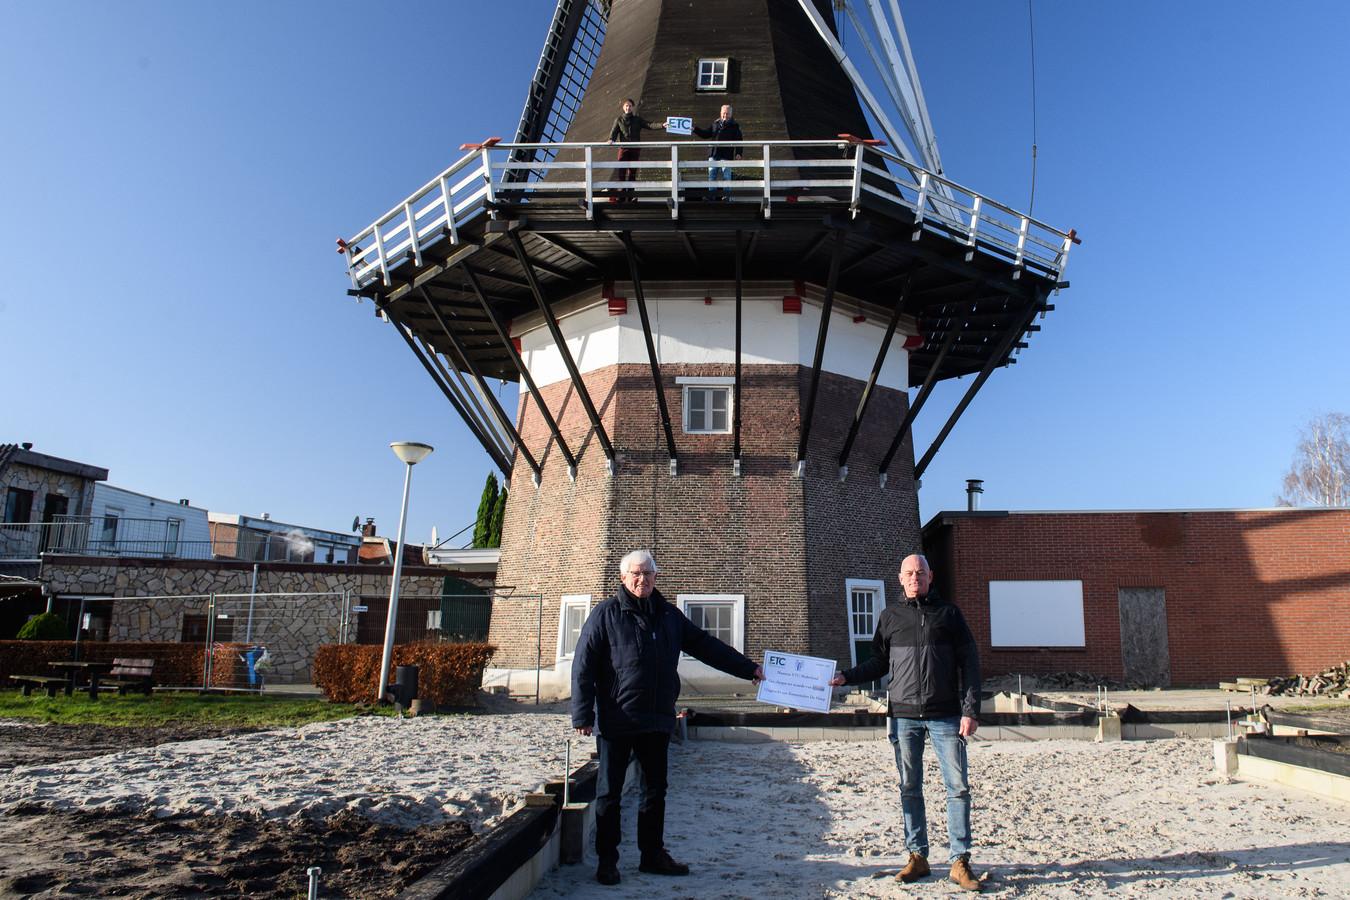 Gerard Pigge (l) ontvangt op de fundamenten van de molenschuur de symbolische cheque uit handen van Peter Pauelsen. Boven op de molen Michiel de Vries (l) en Bertus Tibben.